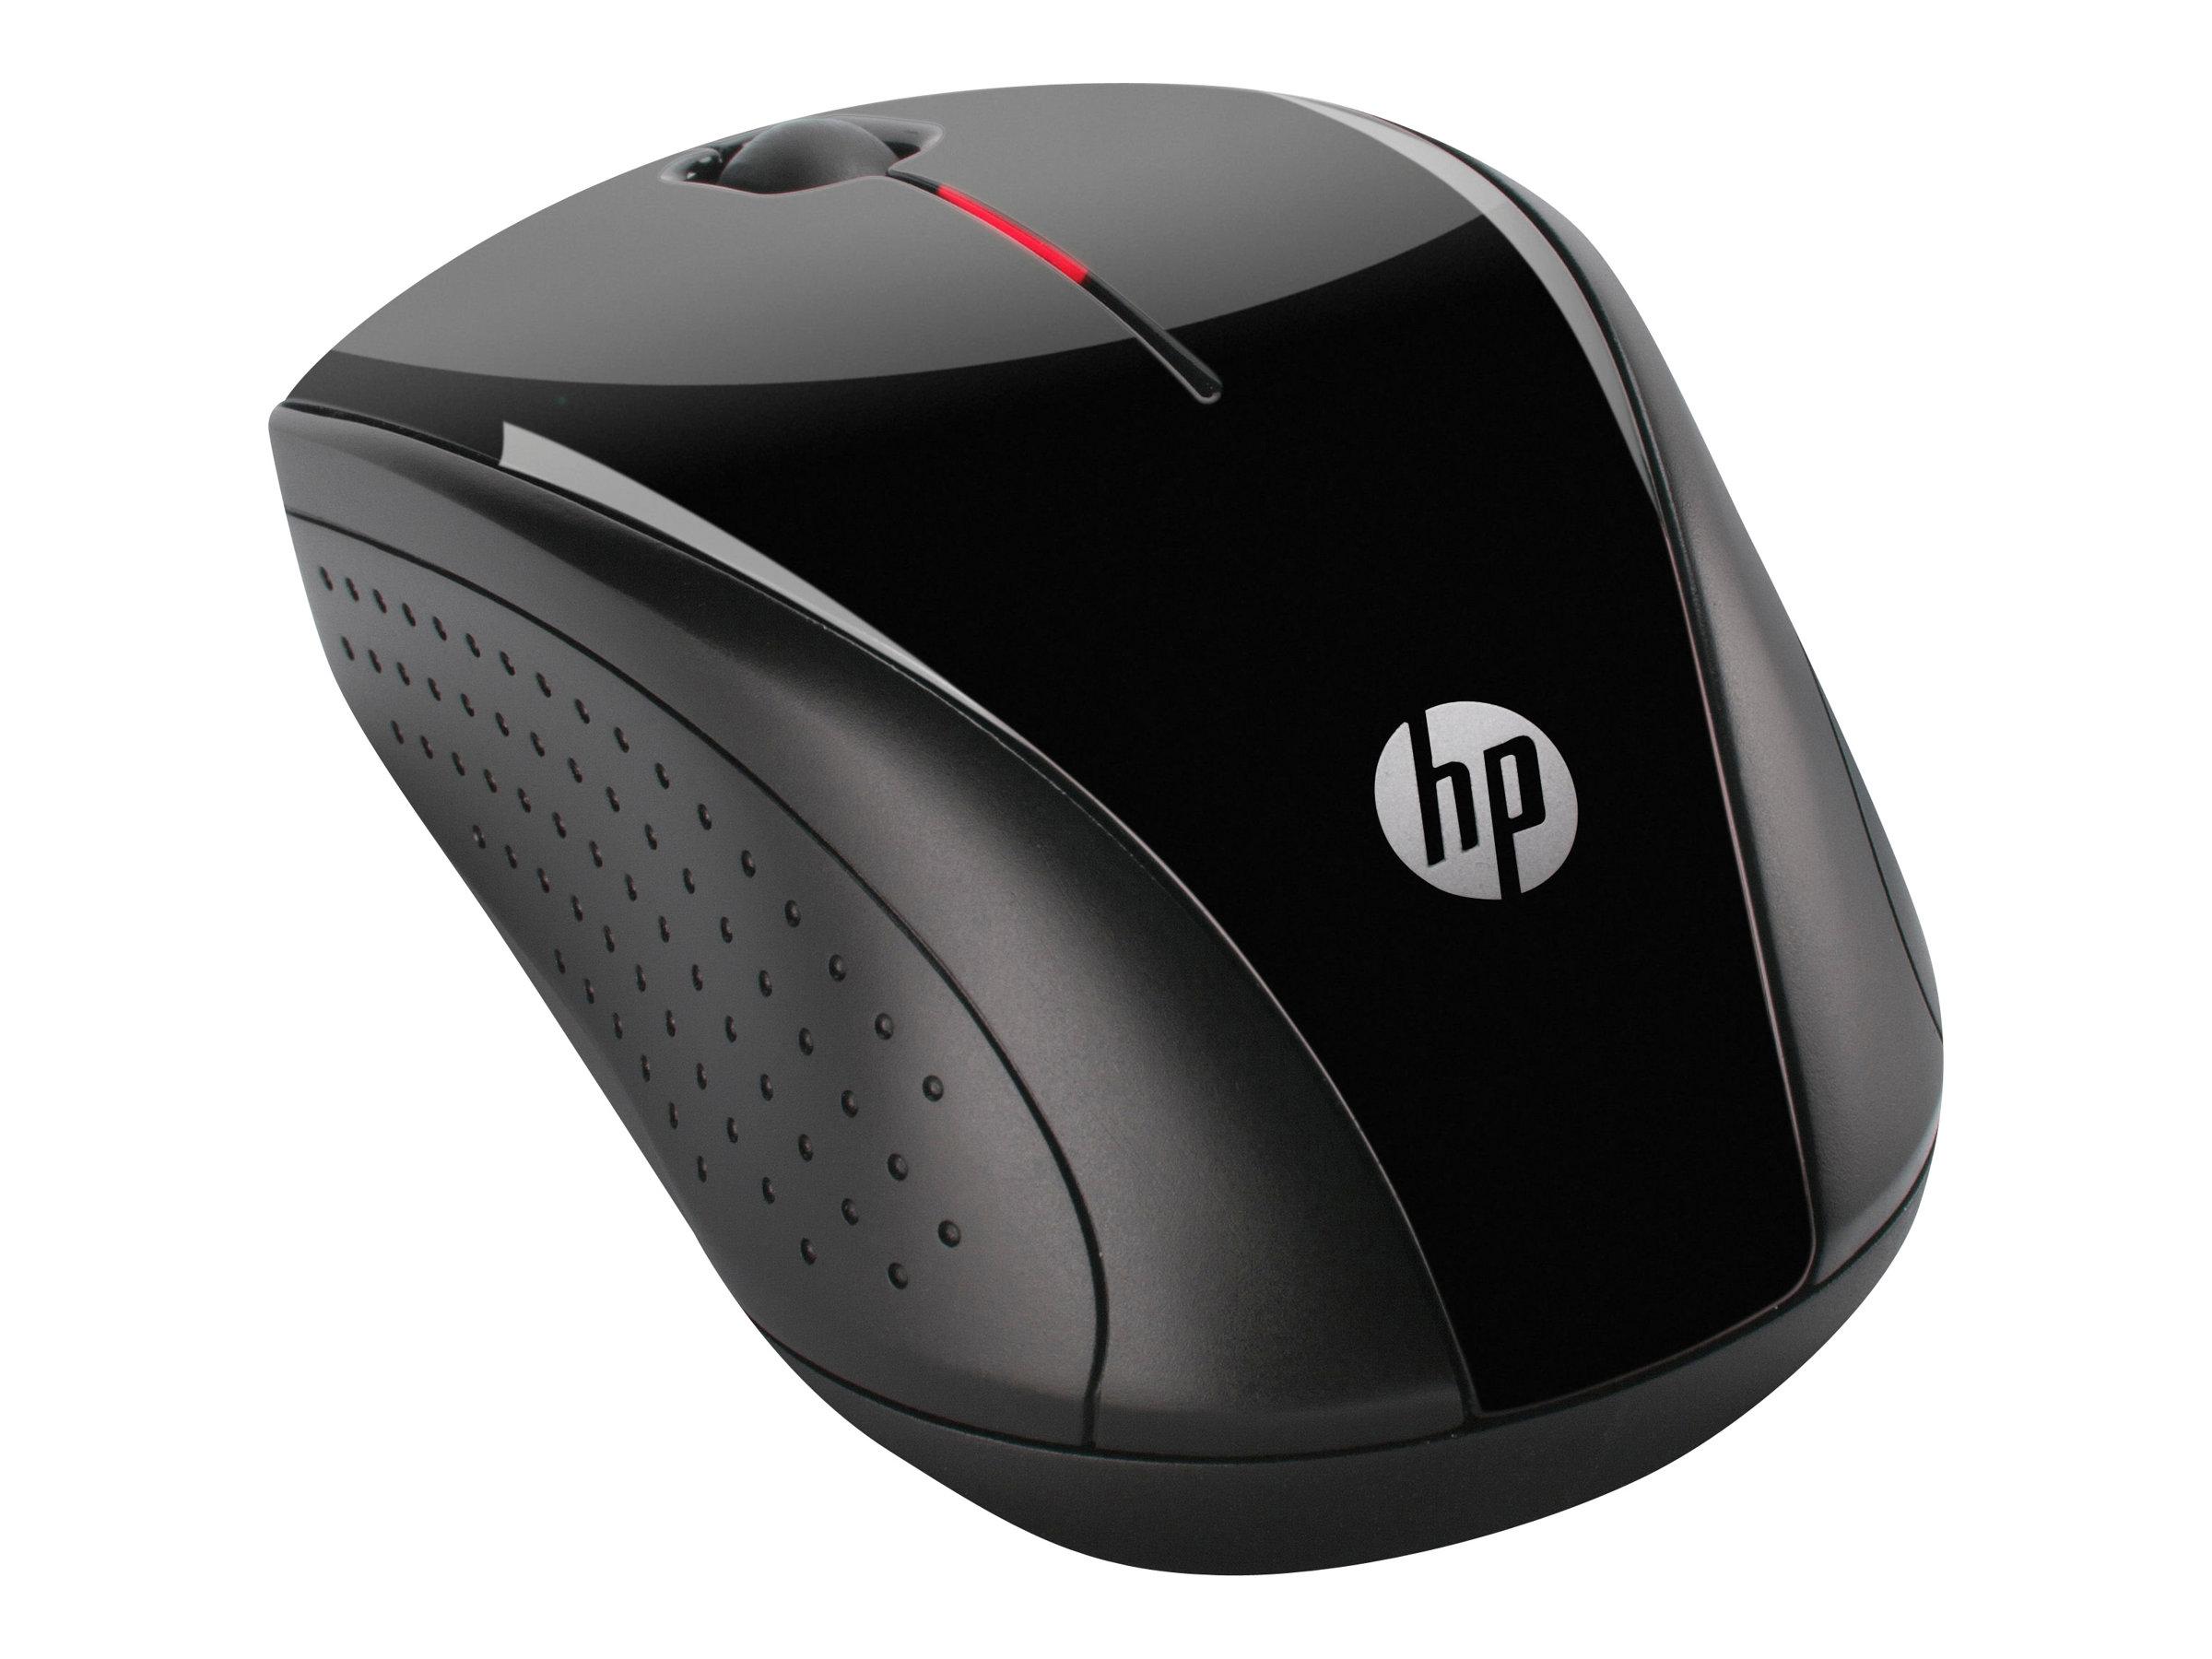 HP X3000 - souris - 2.4 GHz - gris métallisé, noir brillant